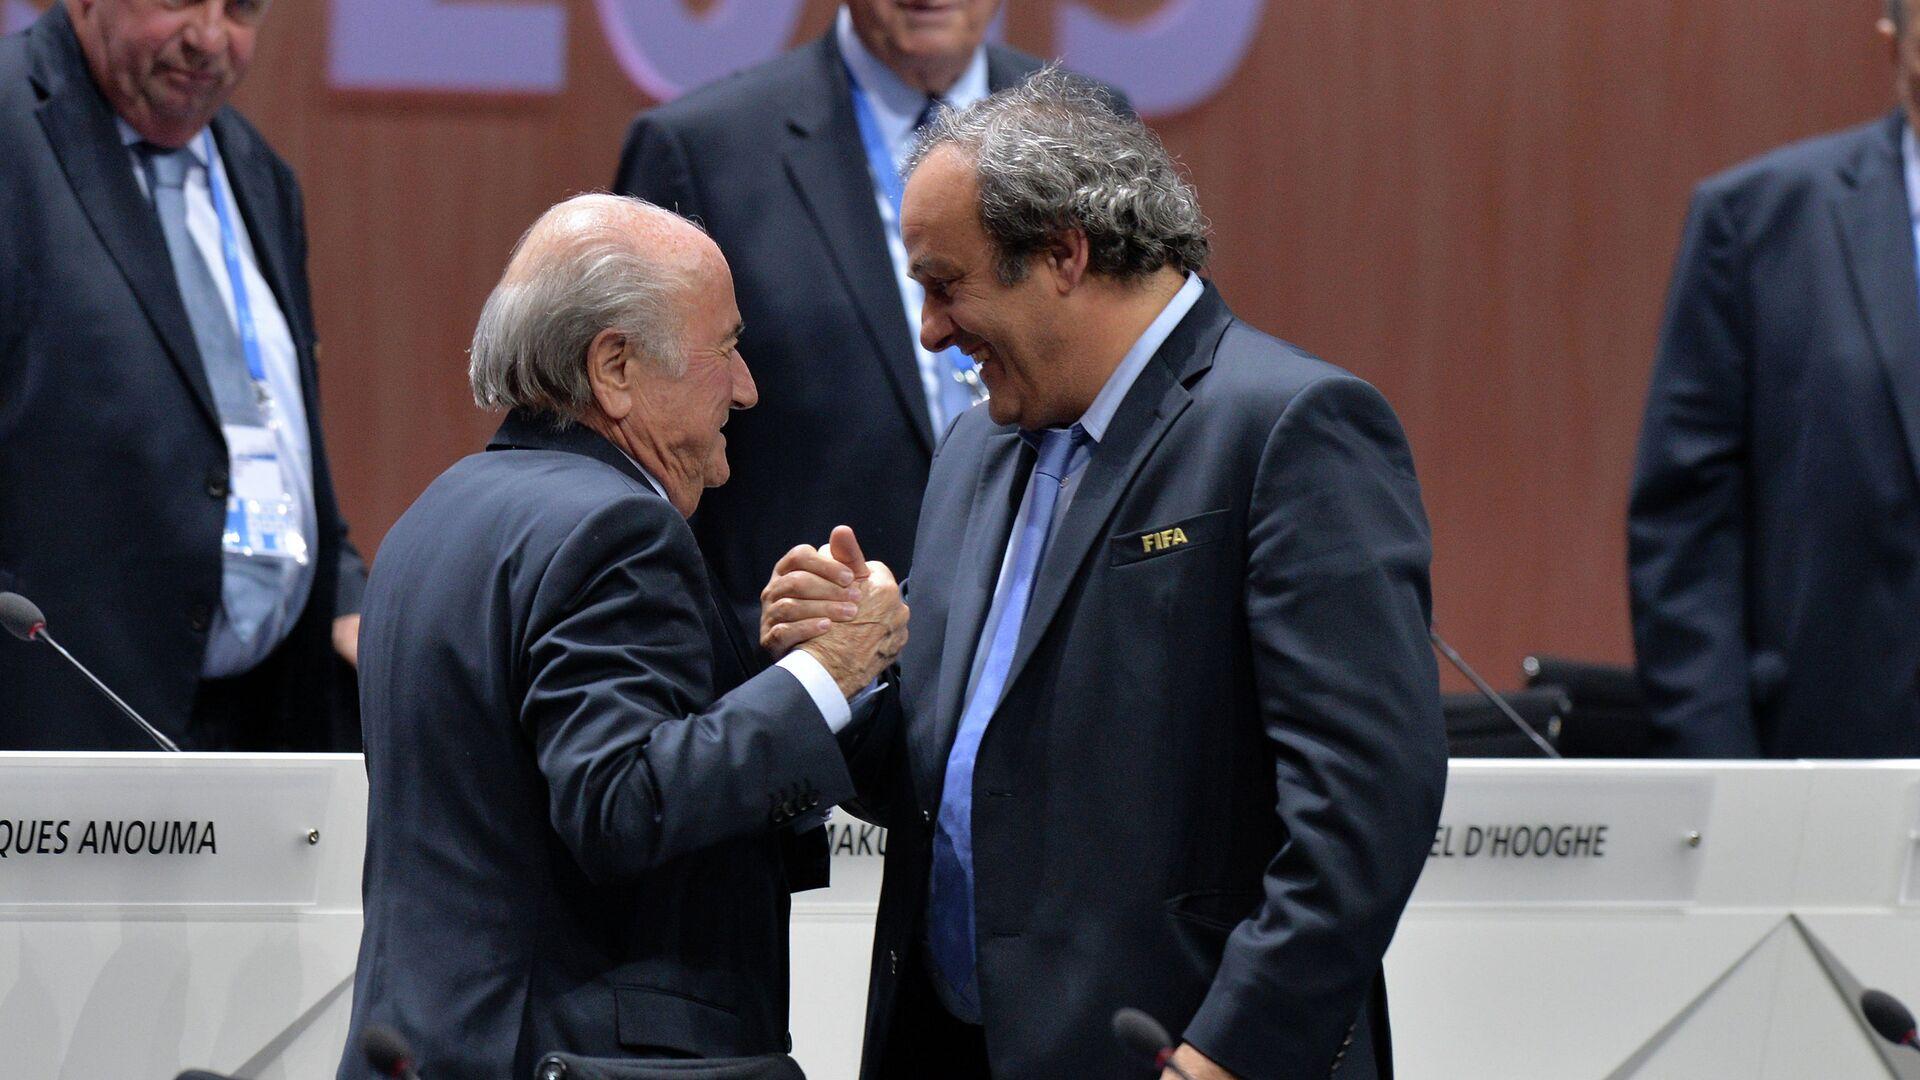 Переизбранный президент ФИФА Йозеф Блаттер и президент УЕФА Мишель Платини после оглашения результатов выборов в рамках 65-го Конгресса ФИФА в Цюрихе - РИА Новости, 1920, 30.11.2020